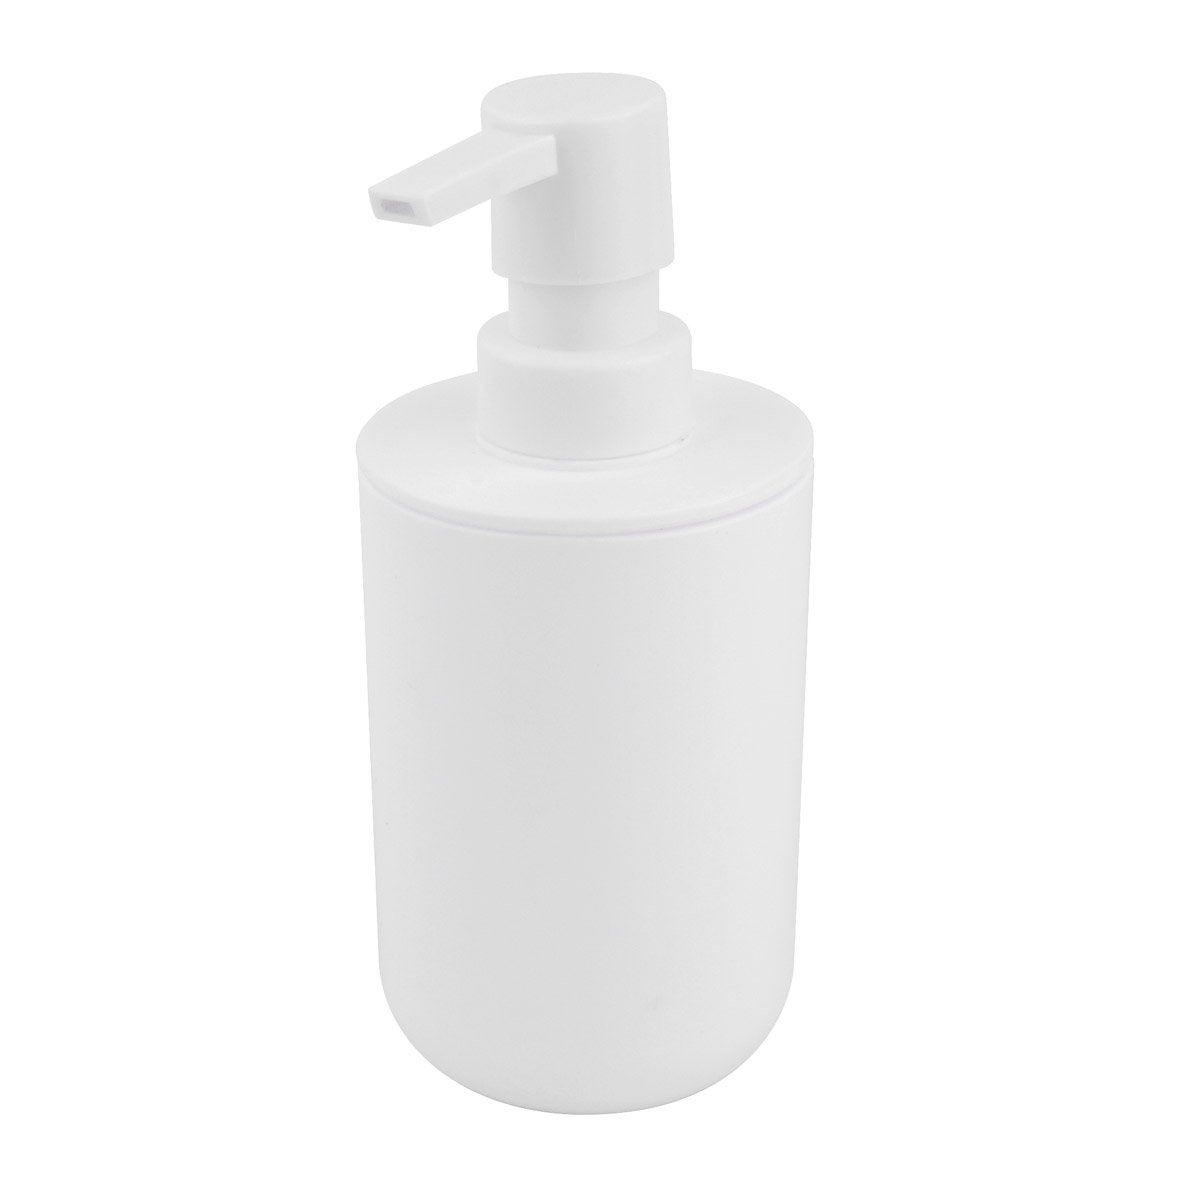 Distributeur de savon plastique Easy, white n°0